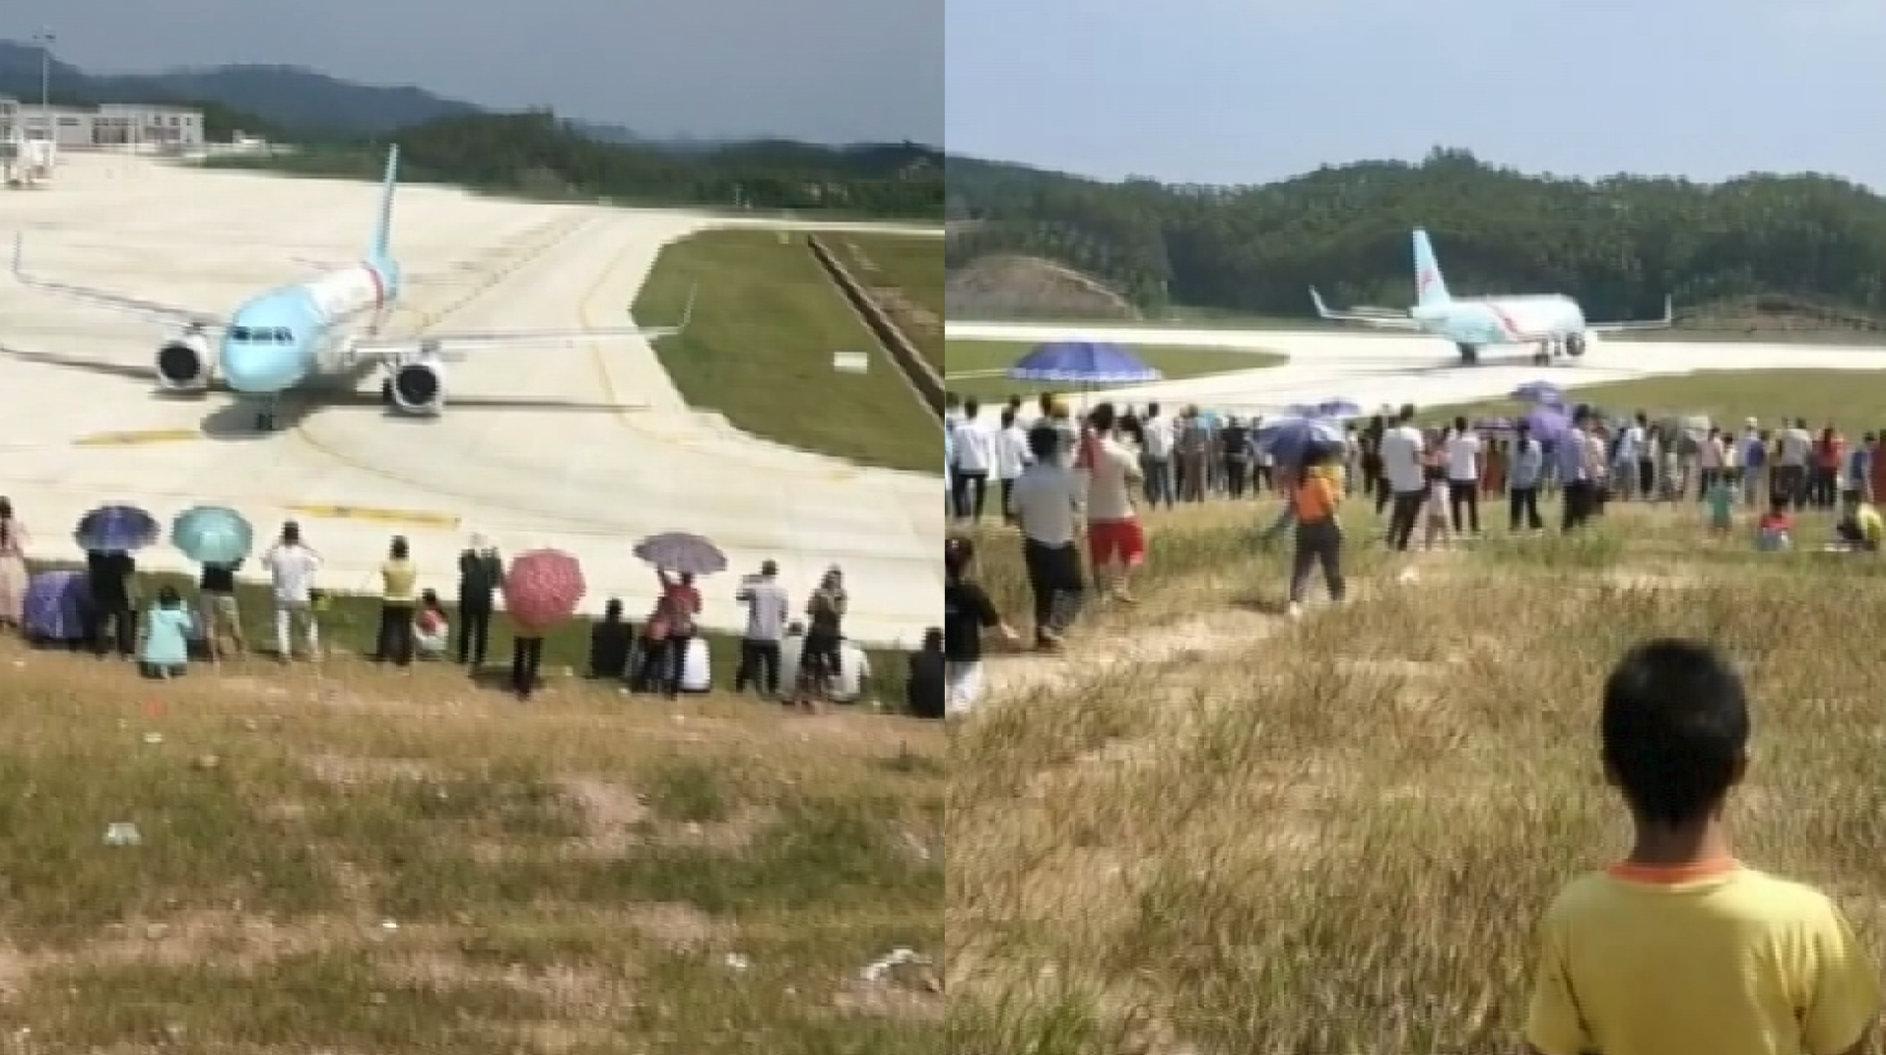 """山头成景区?上千村民围观""""接机"""",机场:有一定影响,正在解决"""